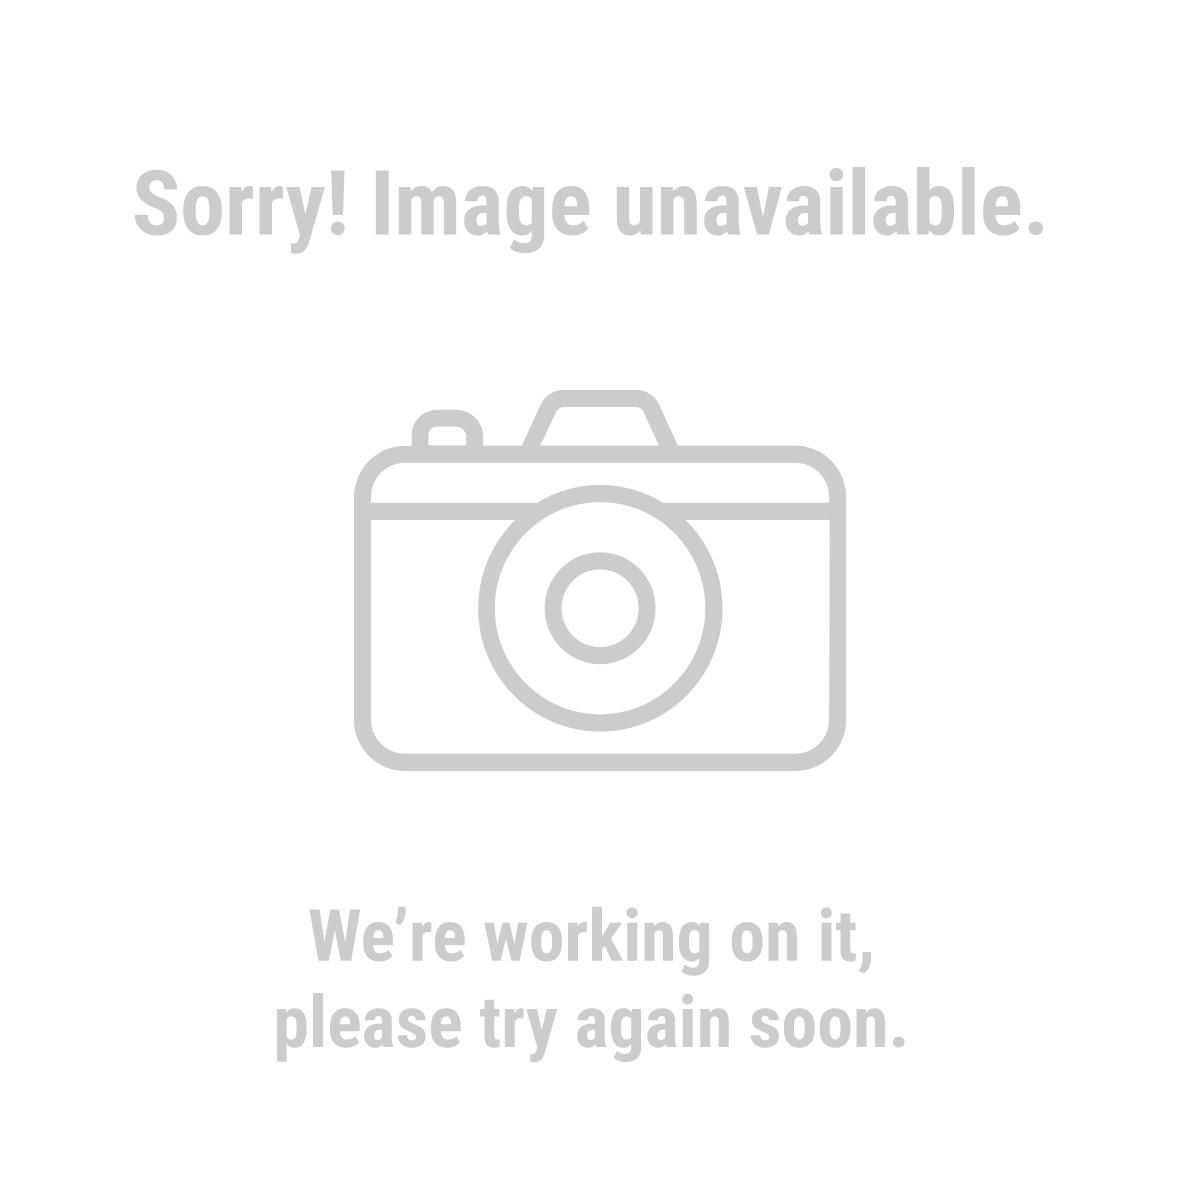 62770_zzz_500?resize\=370%2C370\&ssl\=1 harrington hoist ner1 wiring diagram wiring diagram images harrington hoist wiring diagram at highcare.asia